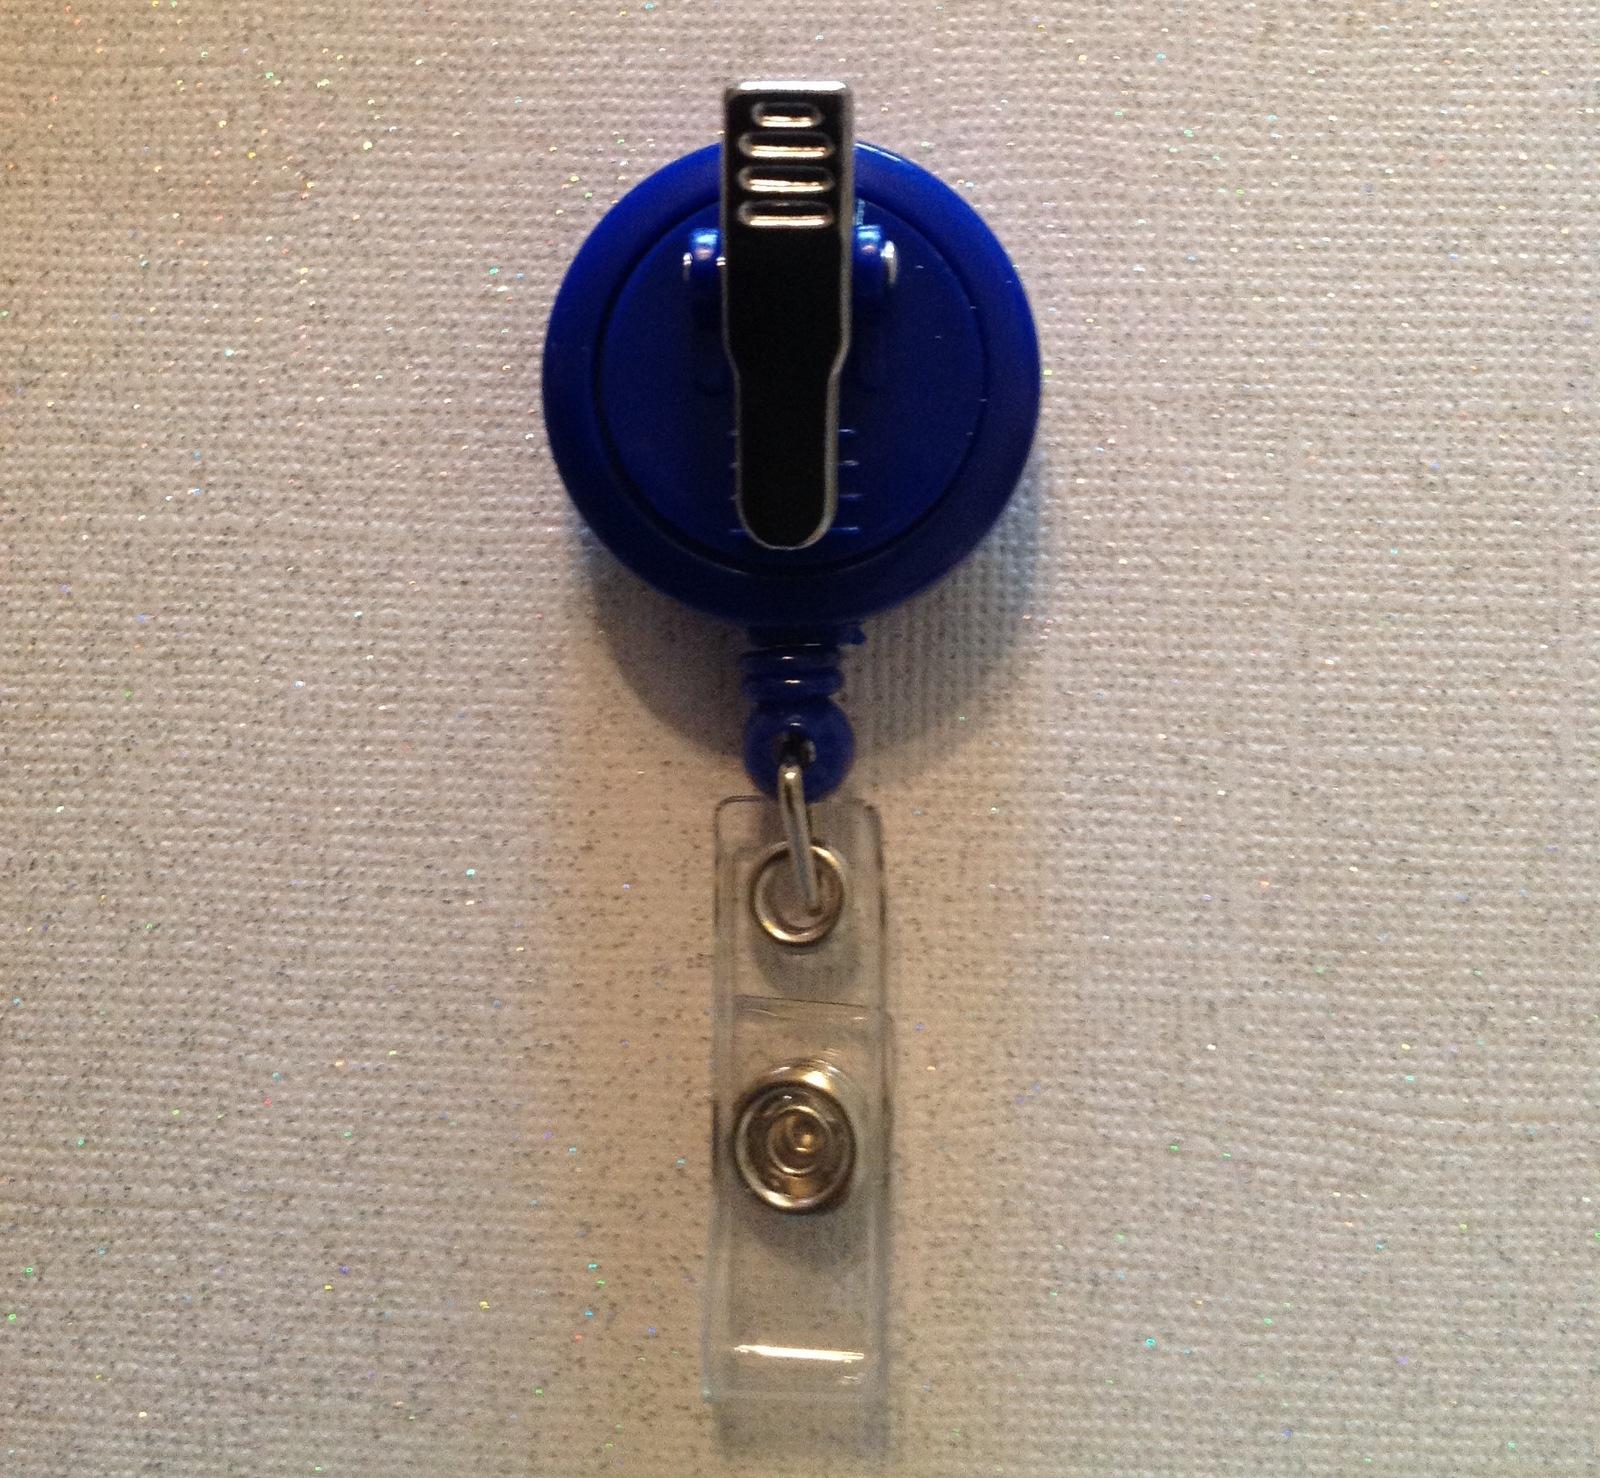 Nfl Denver Broncos Badge Reel Id Holder Swarovski blue orange alligator clip new